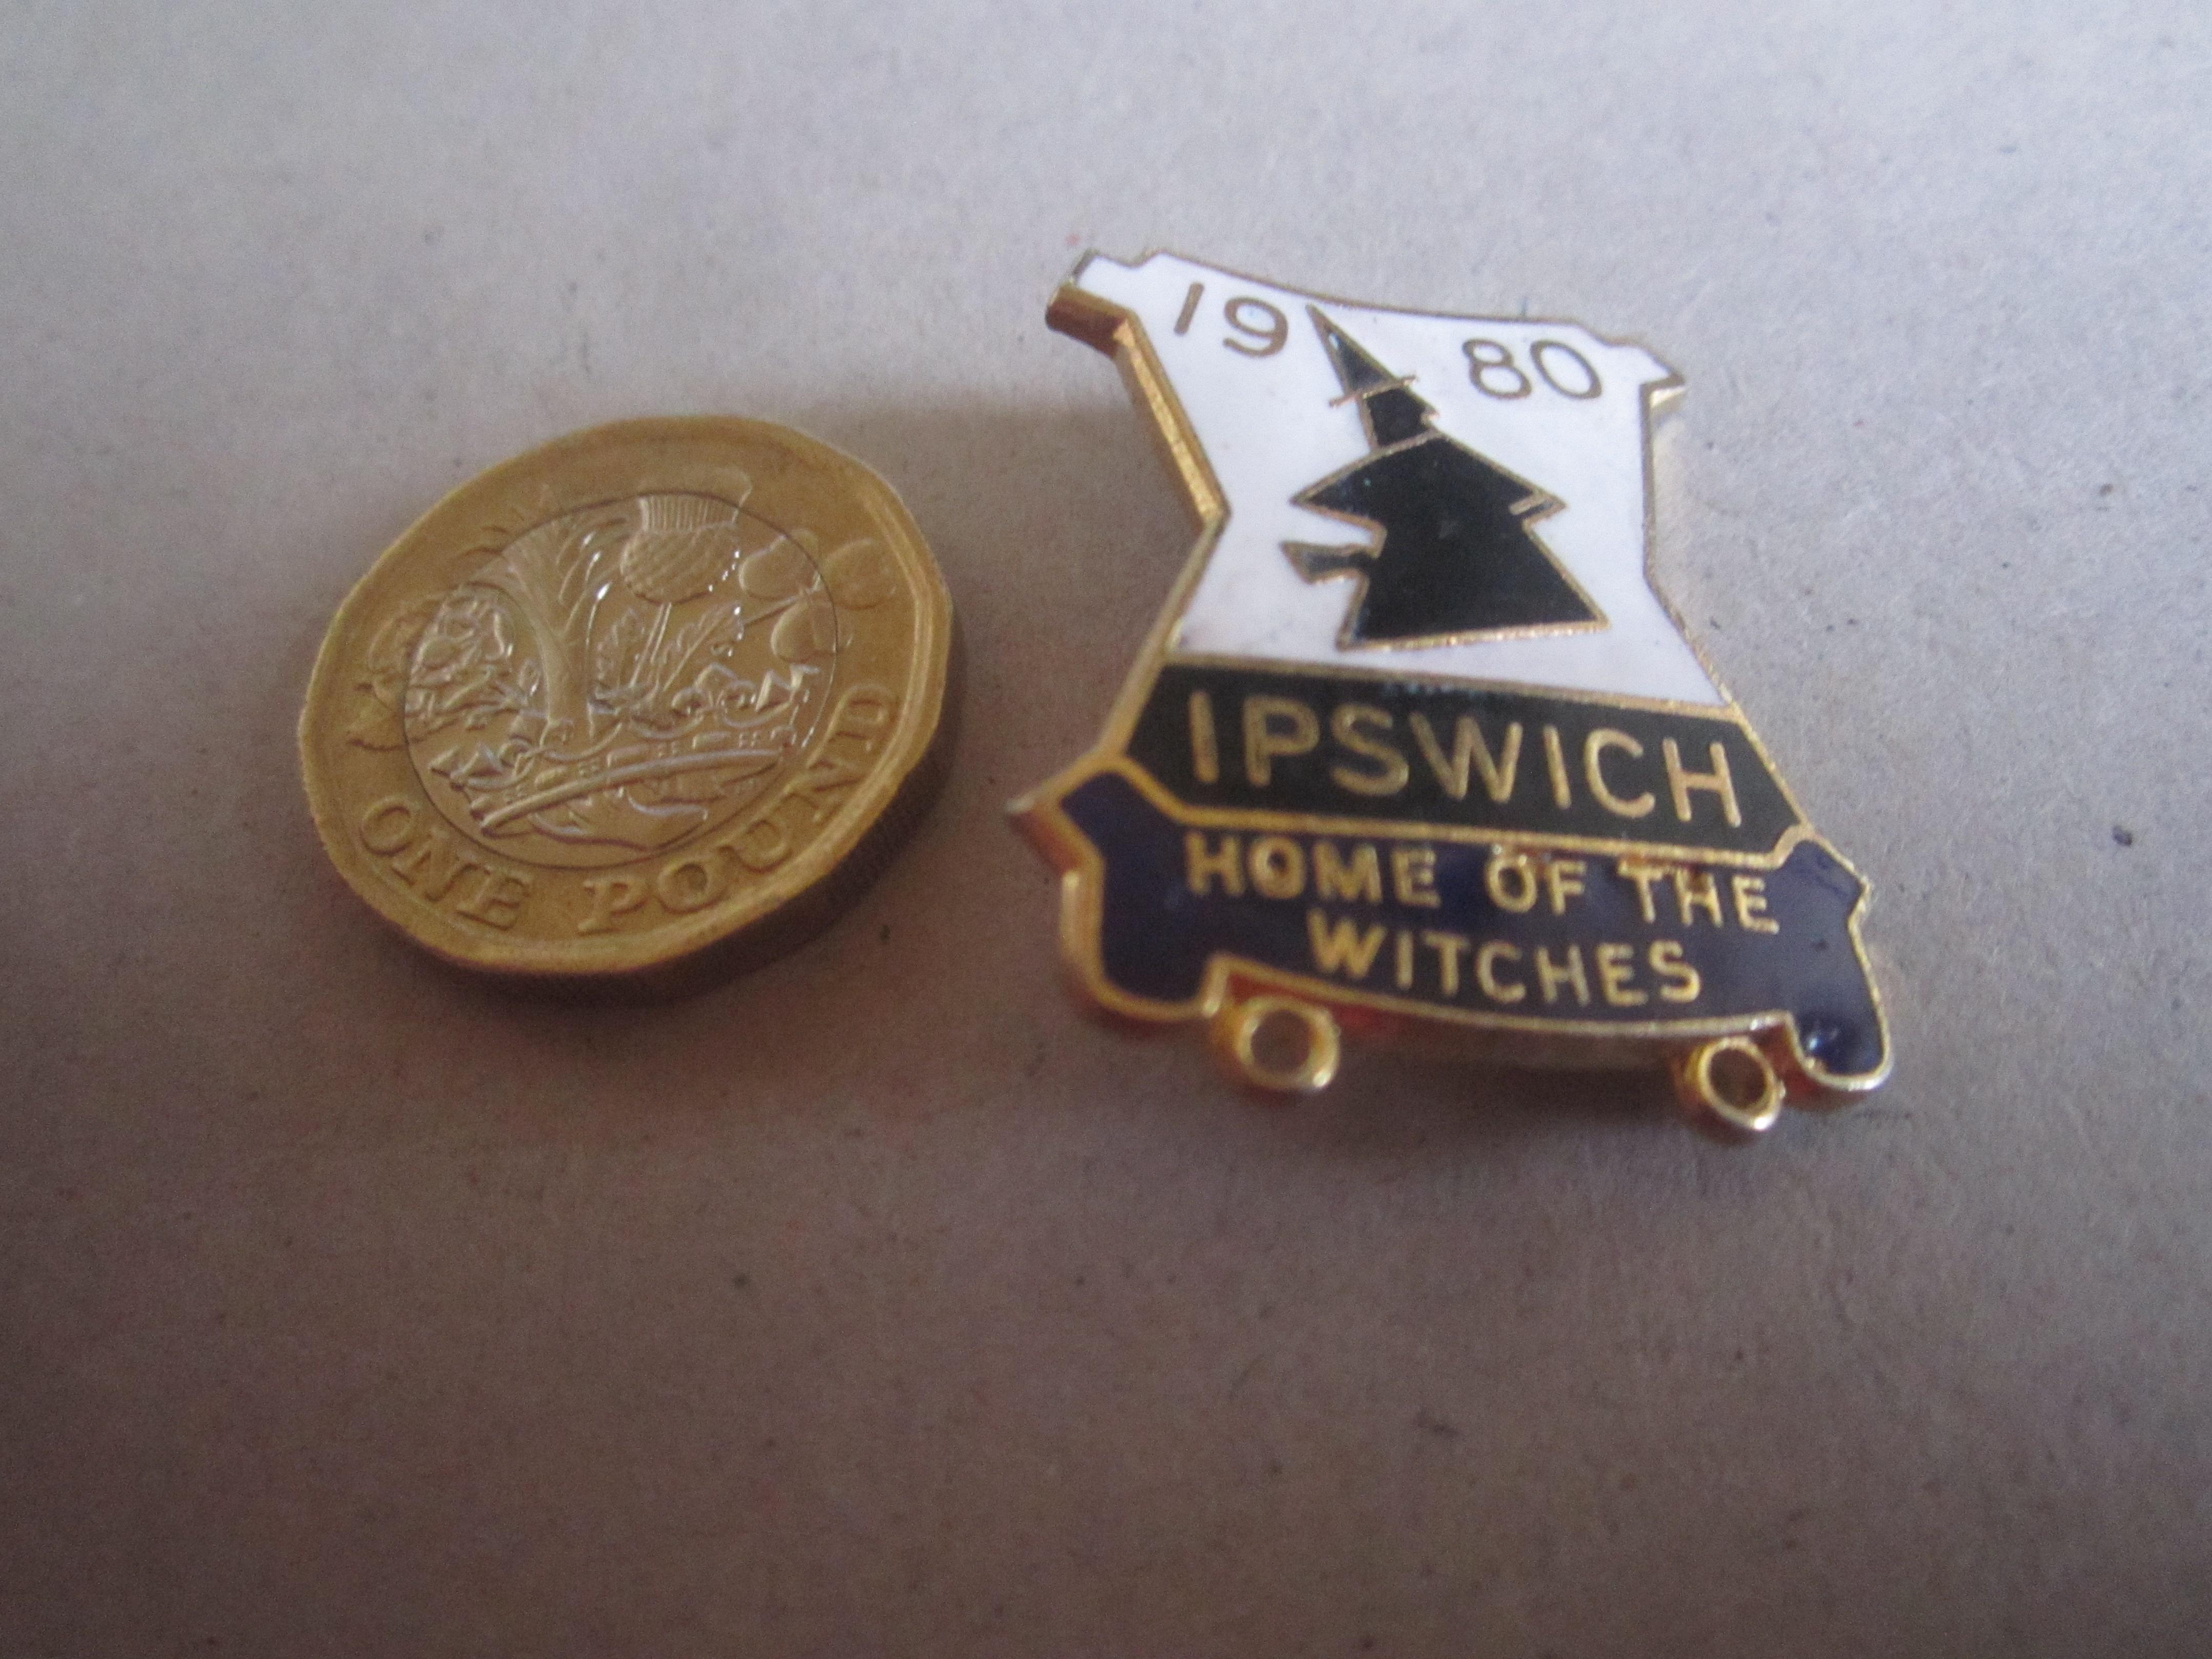 SPEEDWAY - IPSWICH 1980 GILT BADGE